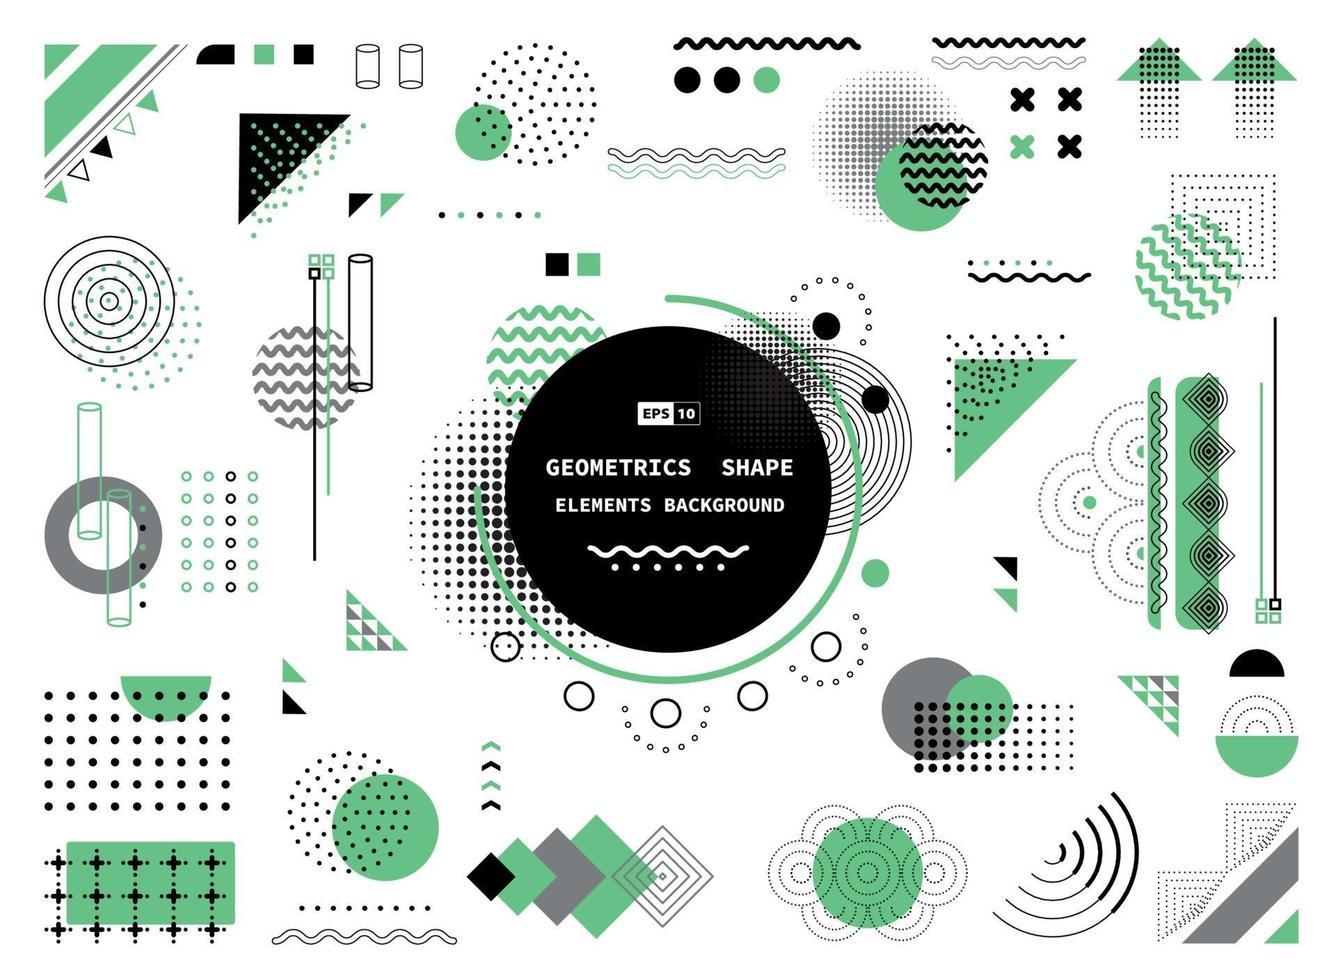 forme géométrique abstraite verte grise et noire de la conception de la couverture des éléments modernes. illustration vectorielle vecteur